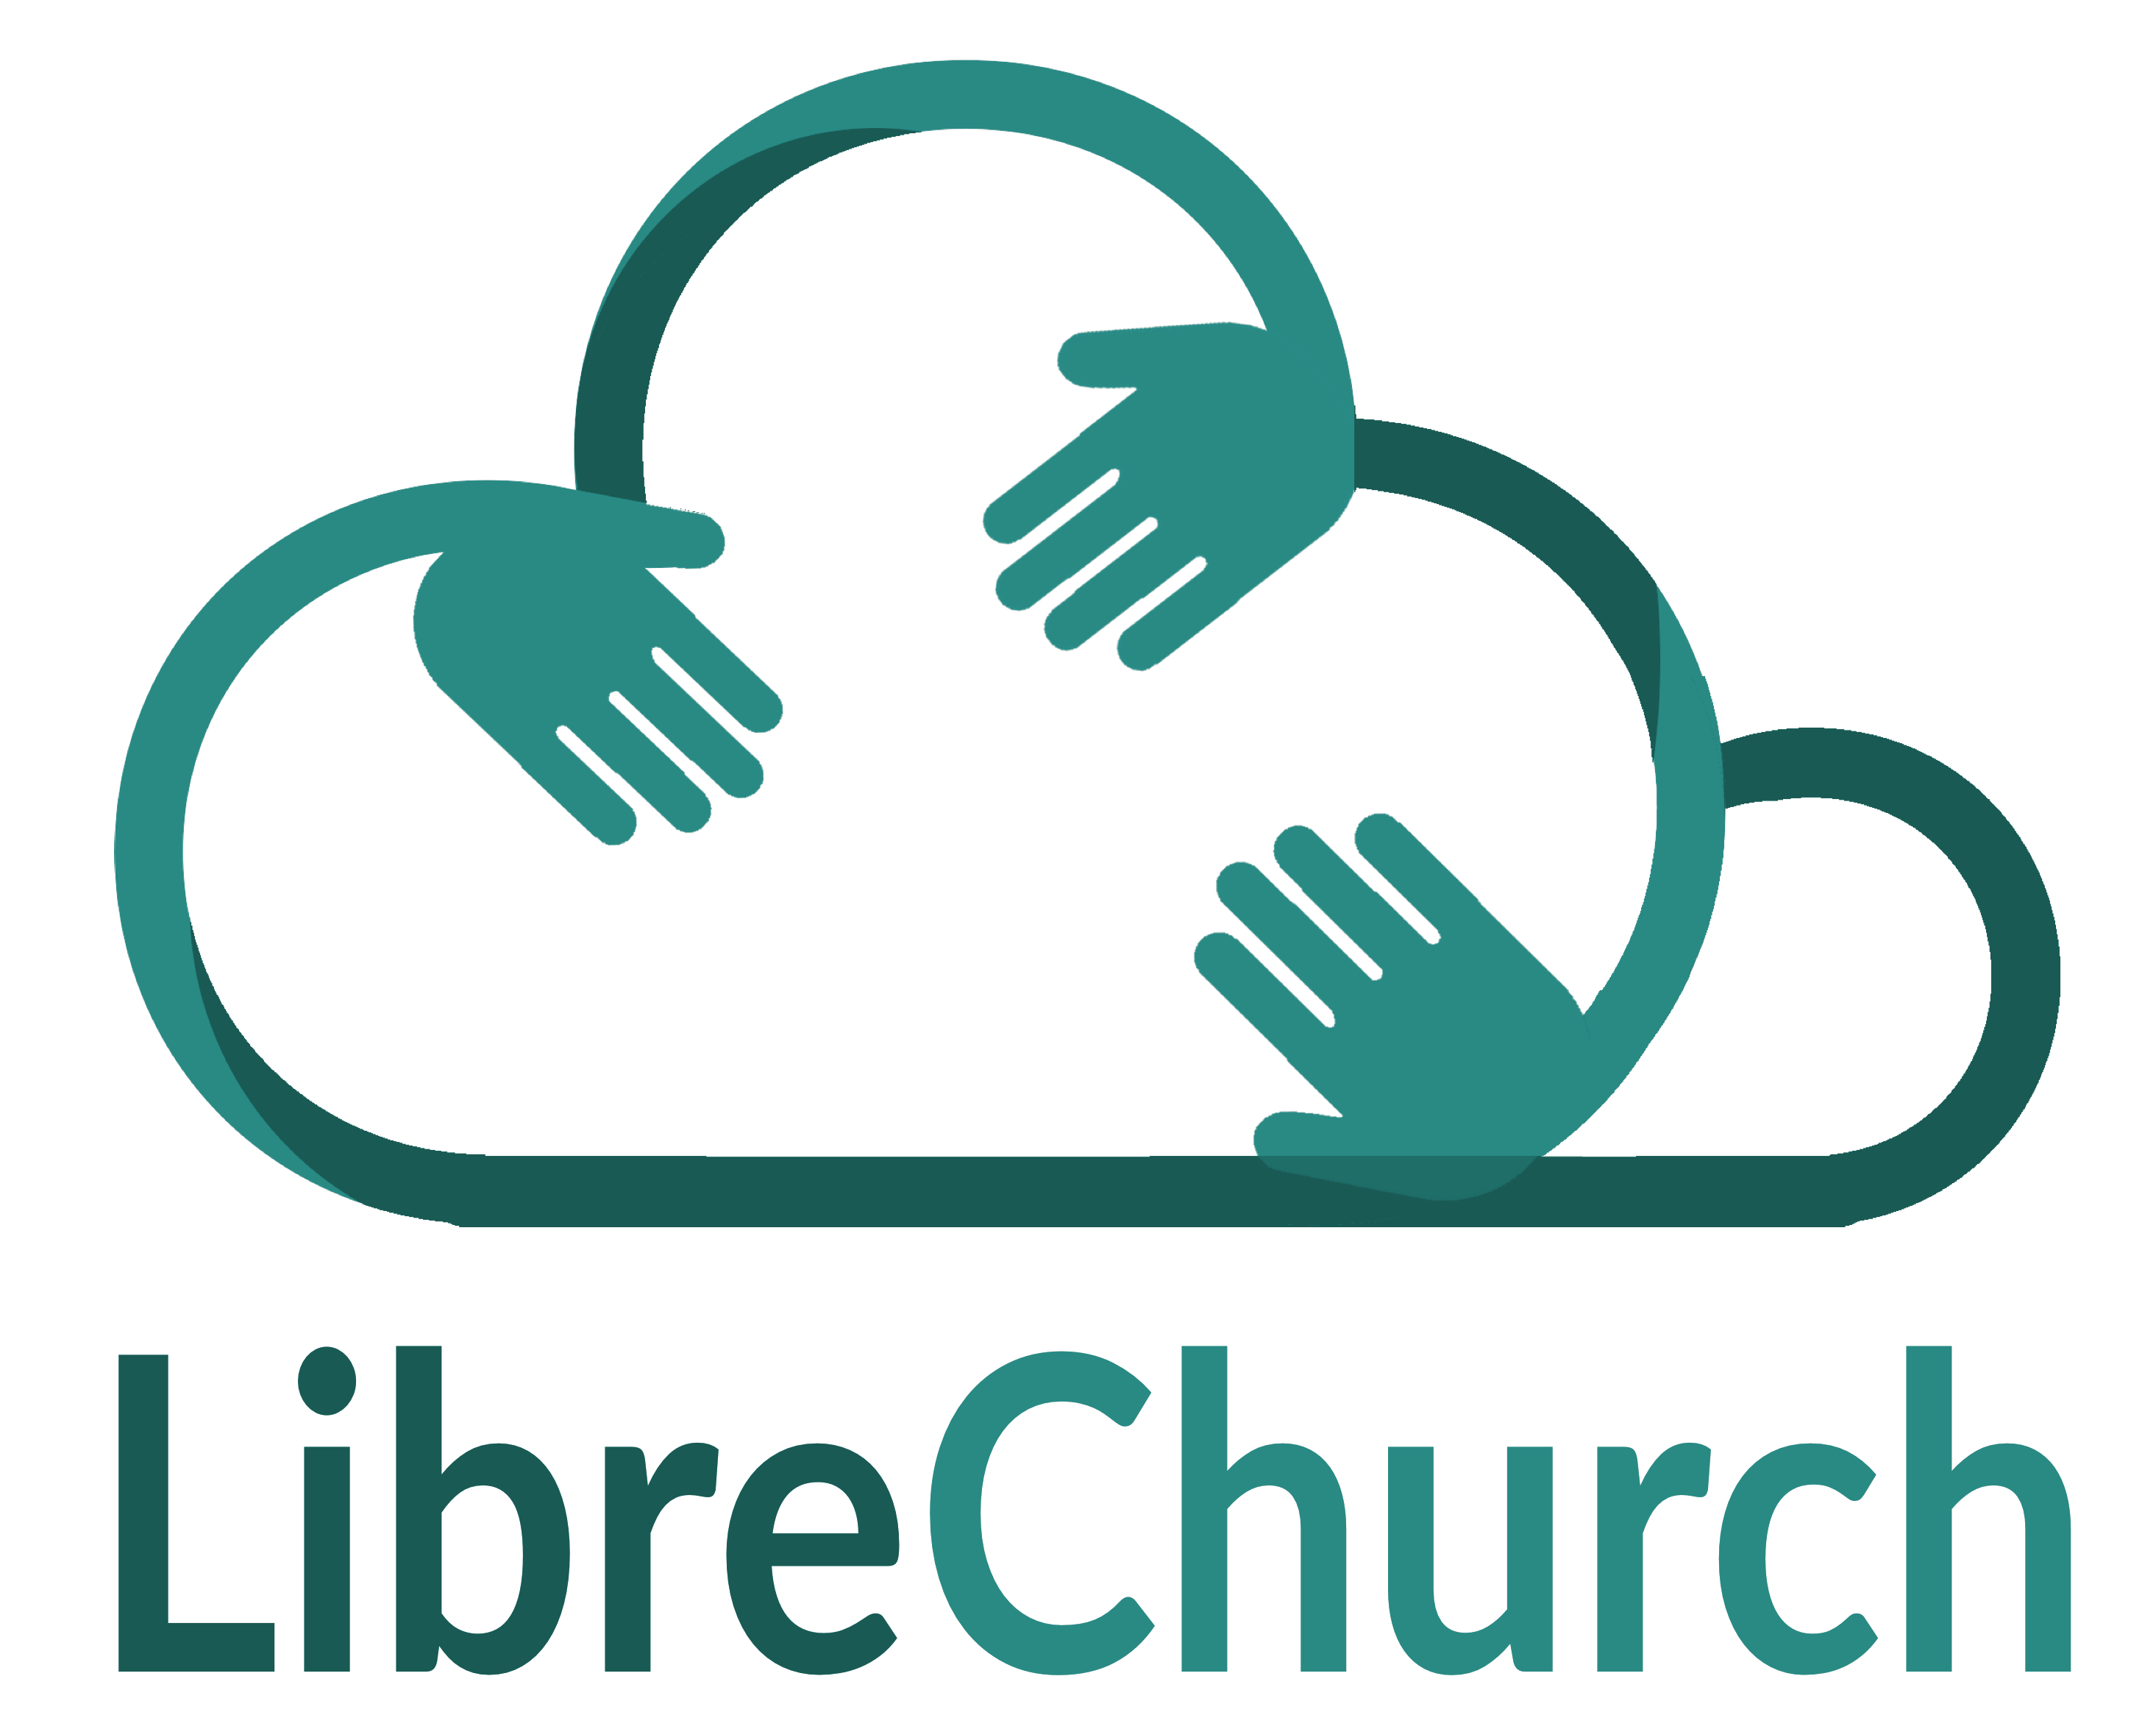 Logo des LibreChurch-Projektes: Drei Hände strecken sich in einer Wolke entgegen.